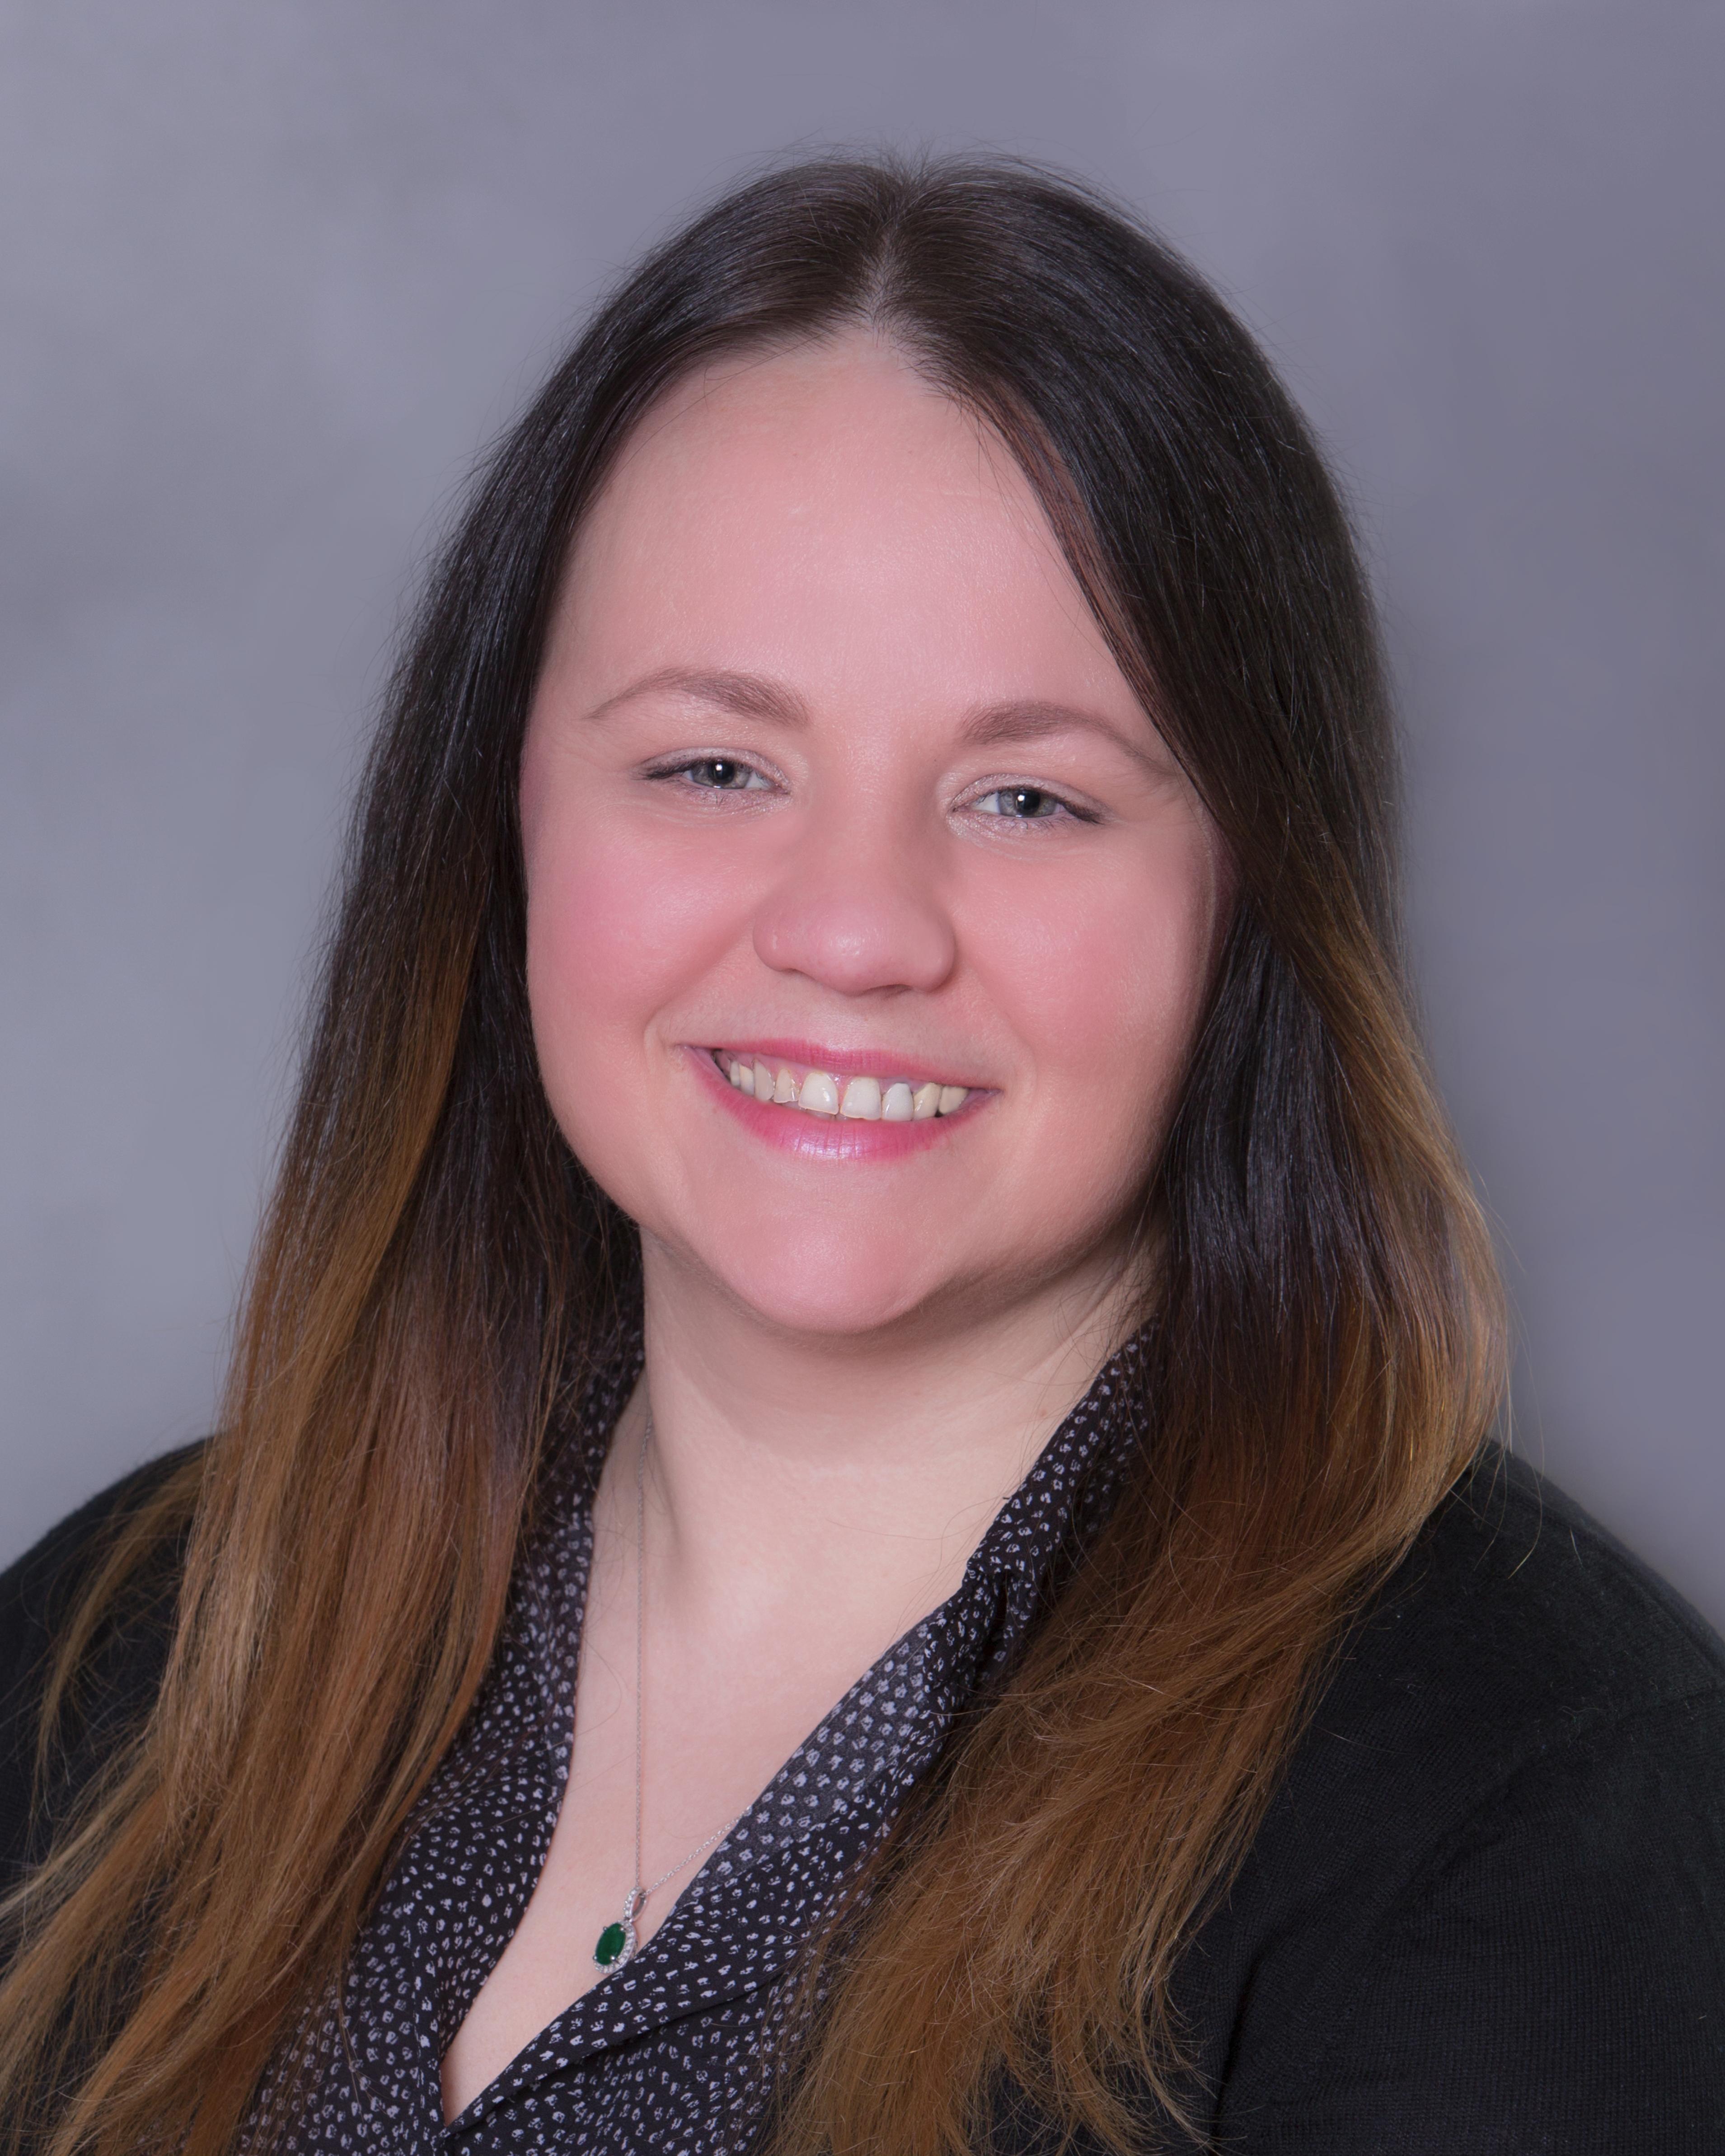 Rachel Corus, MS, LAC